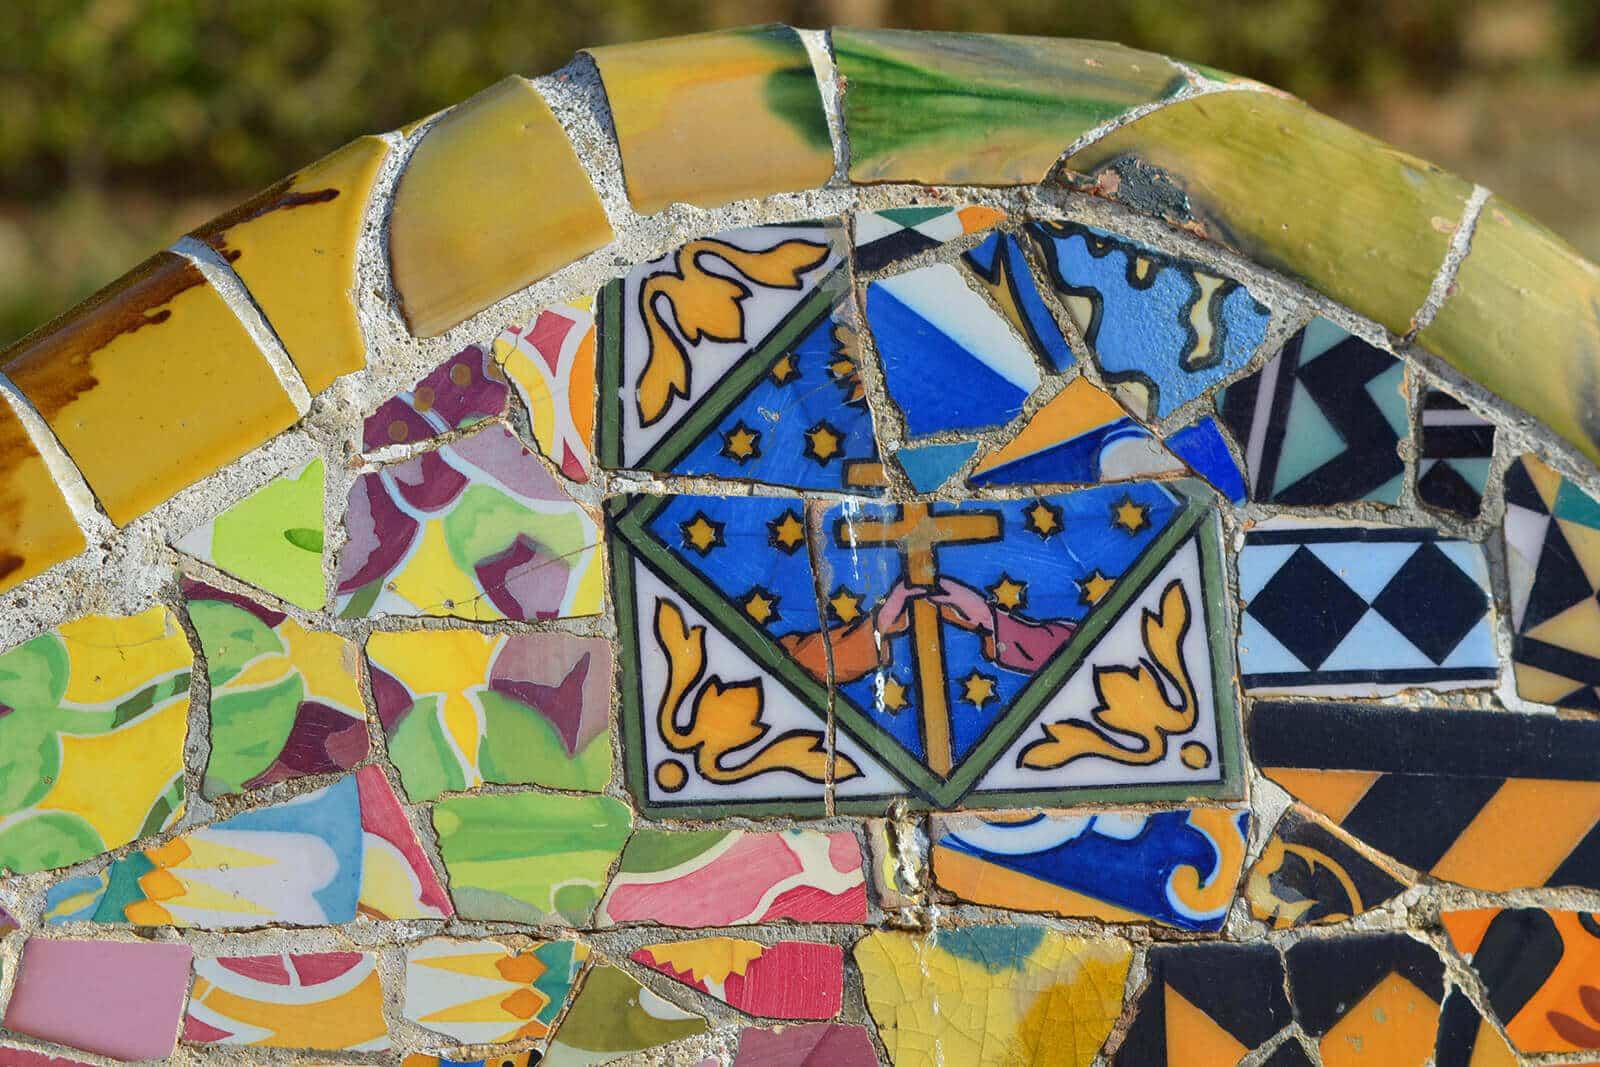 Full Size of Mosaikbrunnen Selber Bauen Gartengestaltung Mit Mosaik Wie Sie Es Machen Und Tipps Dusche Einbauen Bett Zusammenstellen Pool Im Garten Fenster Einbauküche Wohnzimmer Mosaikbrunnen Selber Bauen